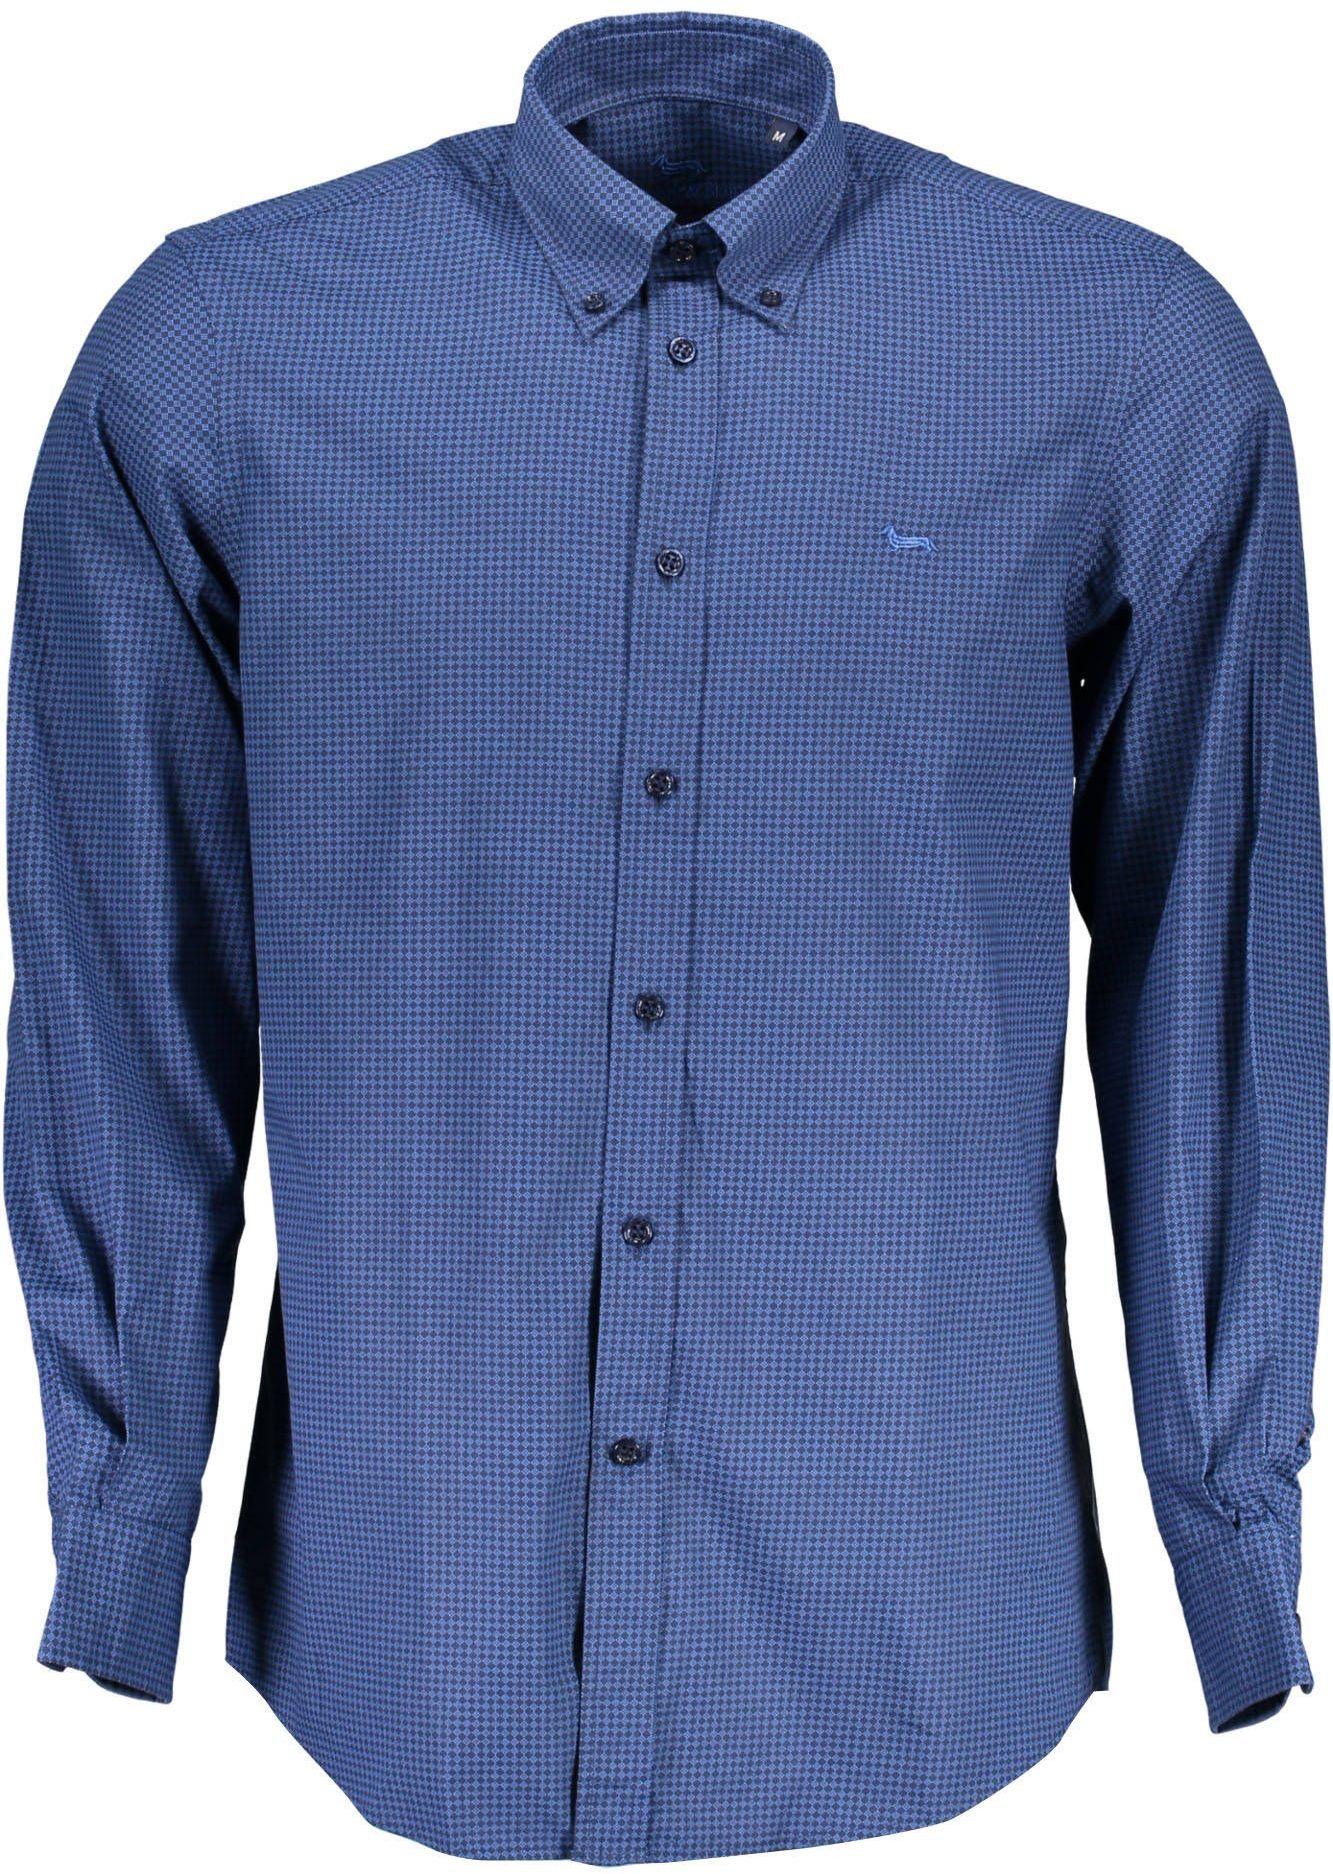 HARMONT & BLAINE Shirt Long Sleeves Men